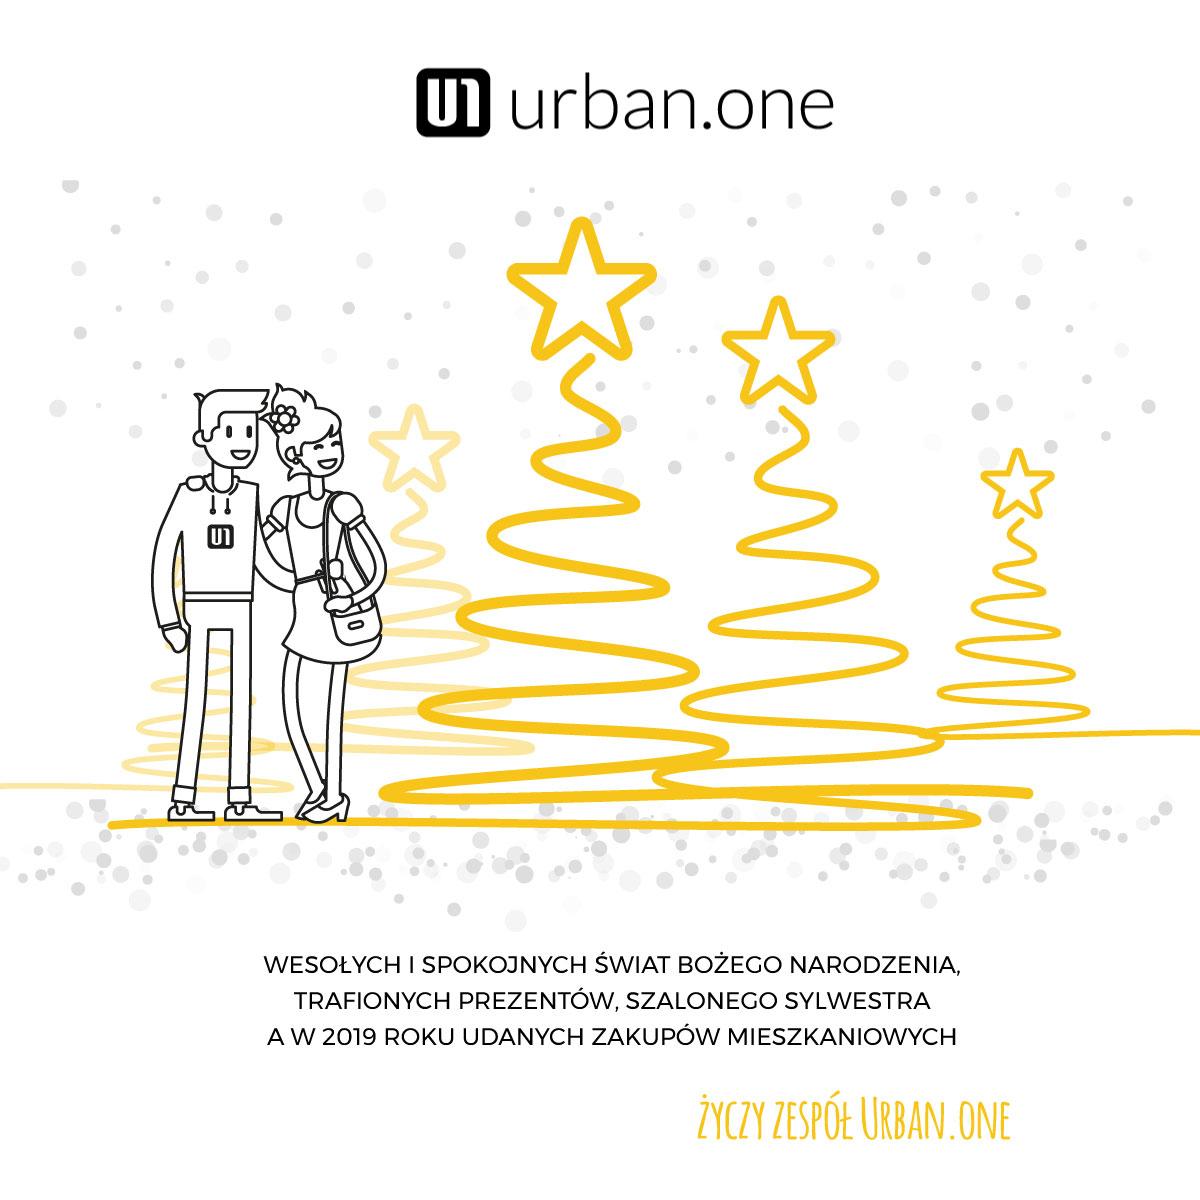 Życzenia od urban.one